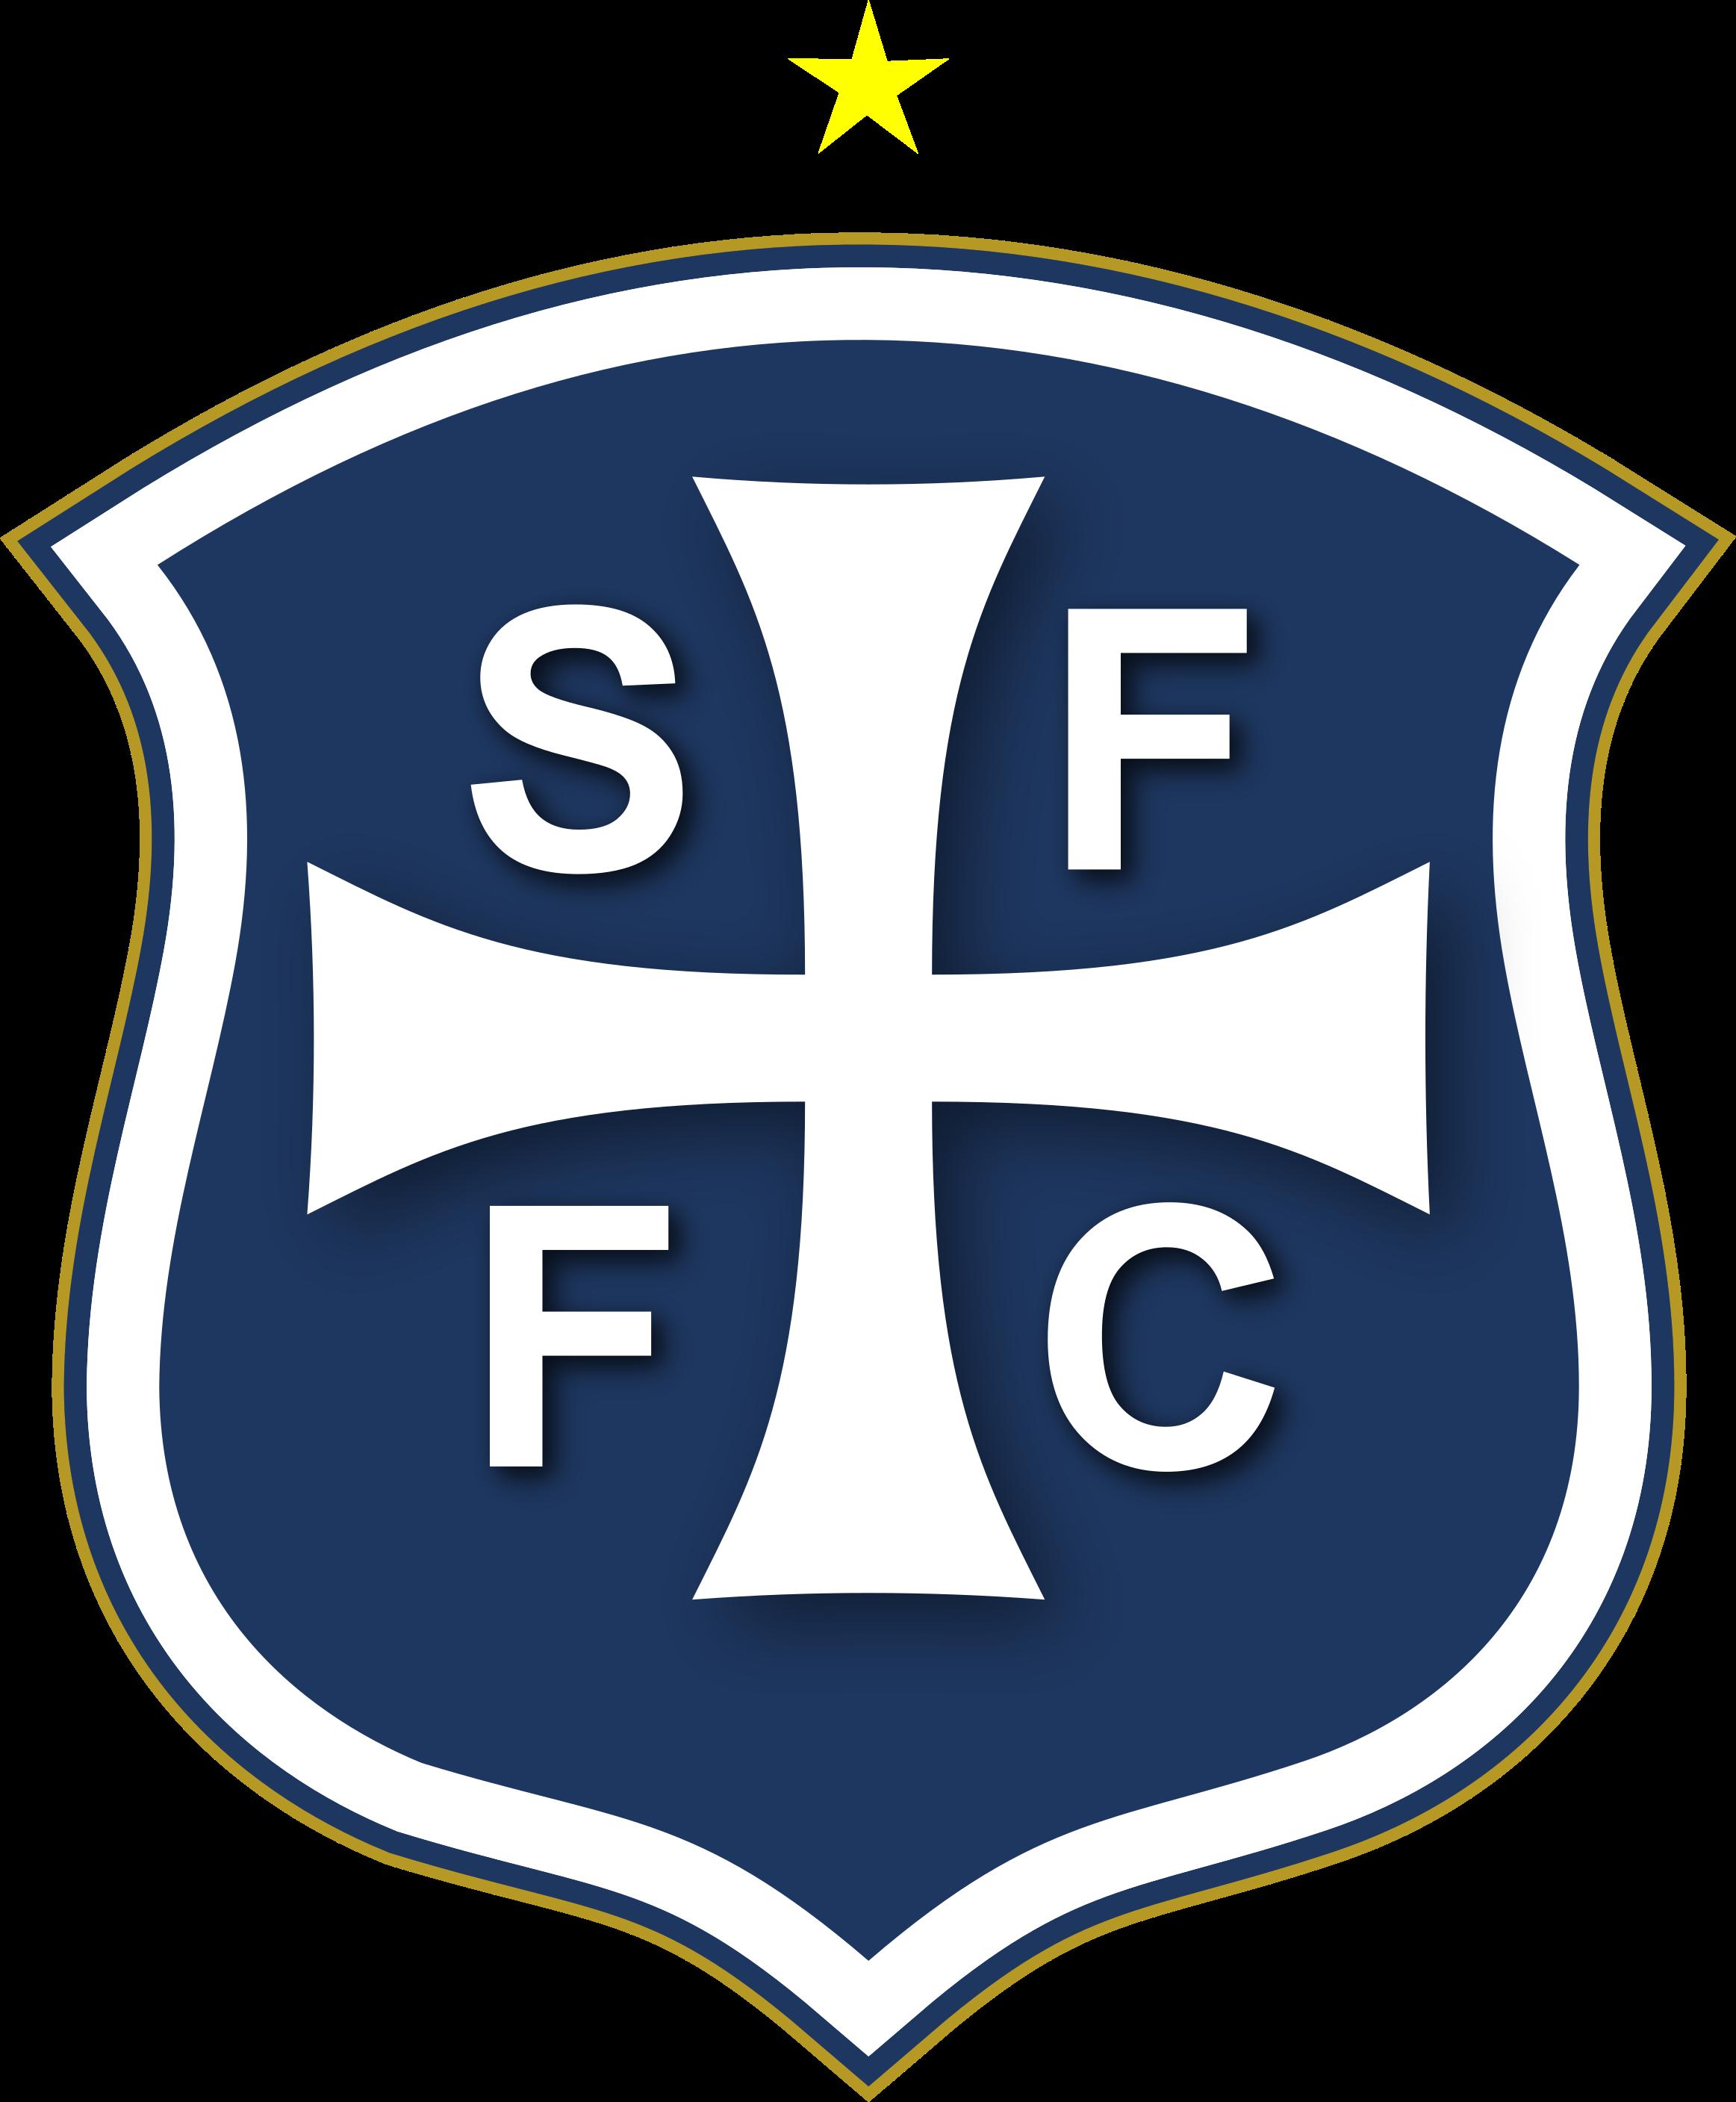 São Francisco Futebol Clube (Santarém) – Wikipédia, a enciclopédia livre